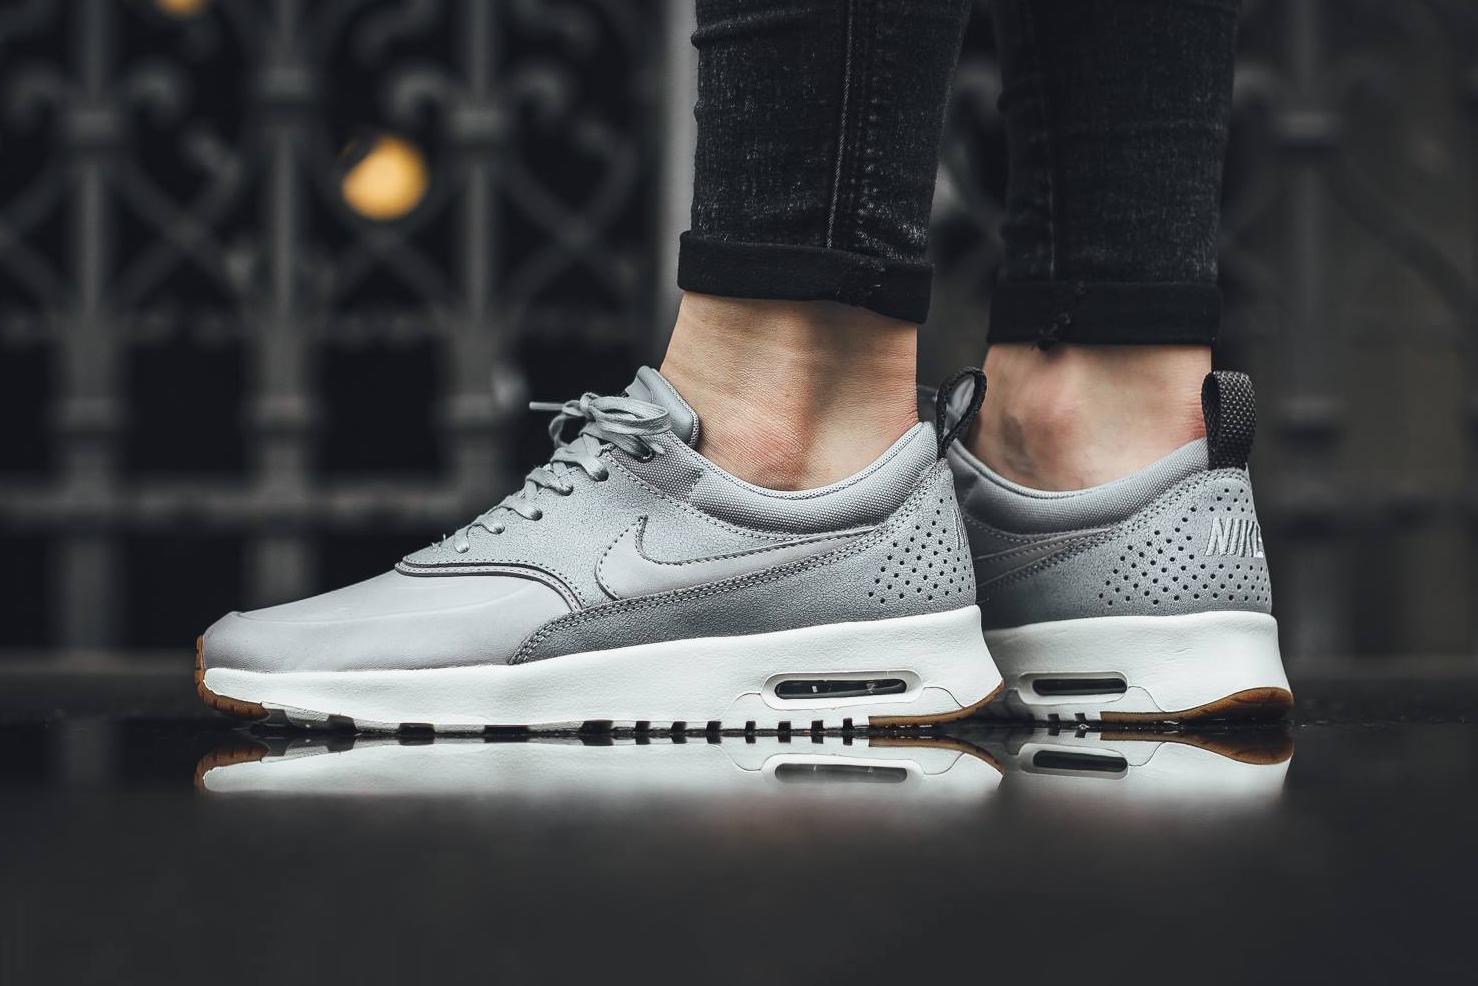 Nike Air Max Thea Premium Wolf Grey - 78928